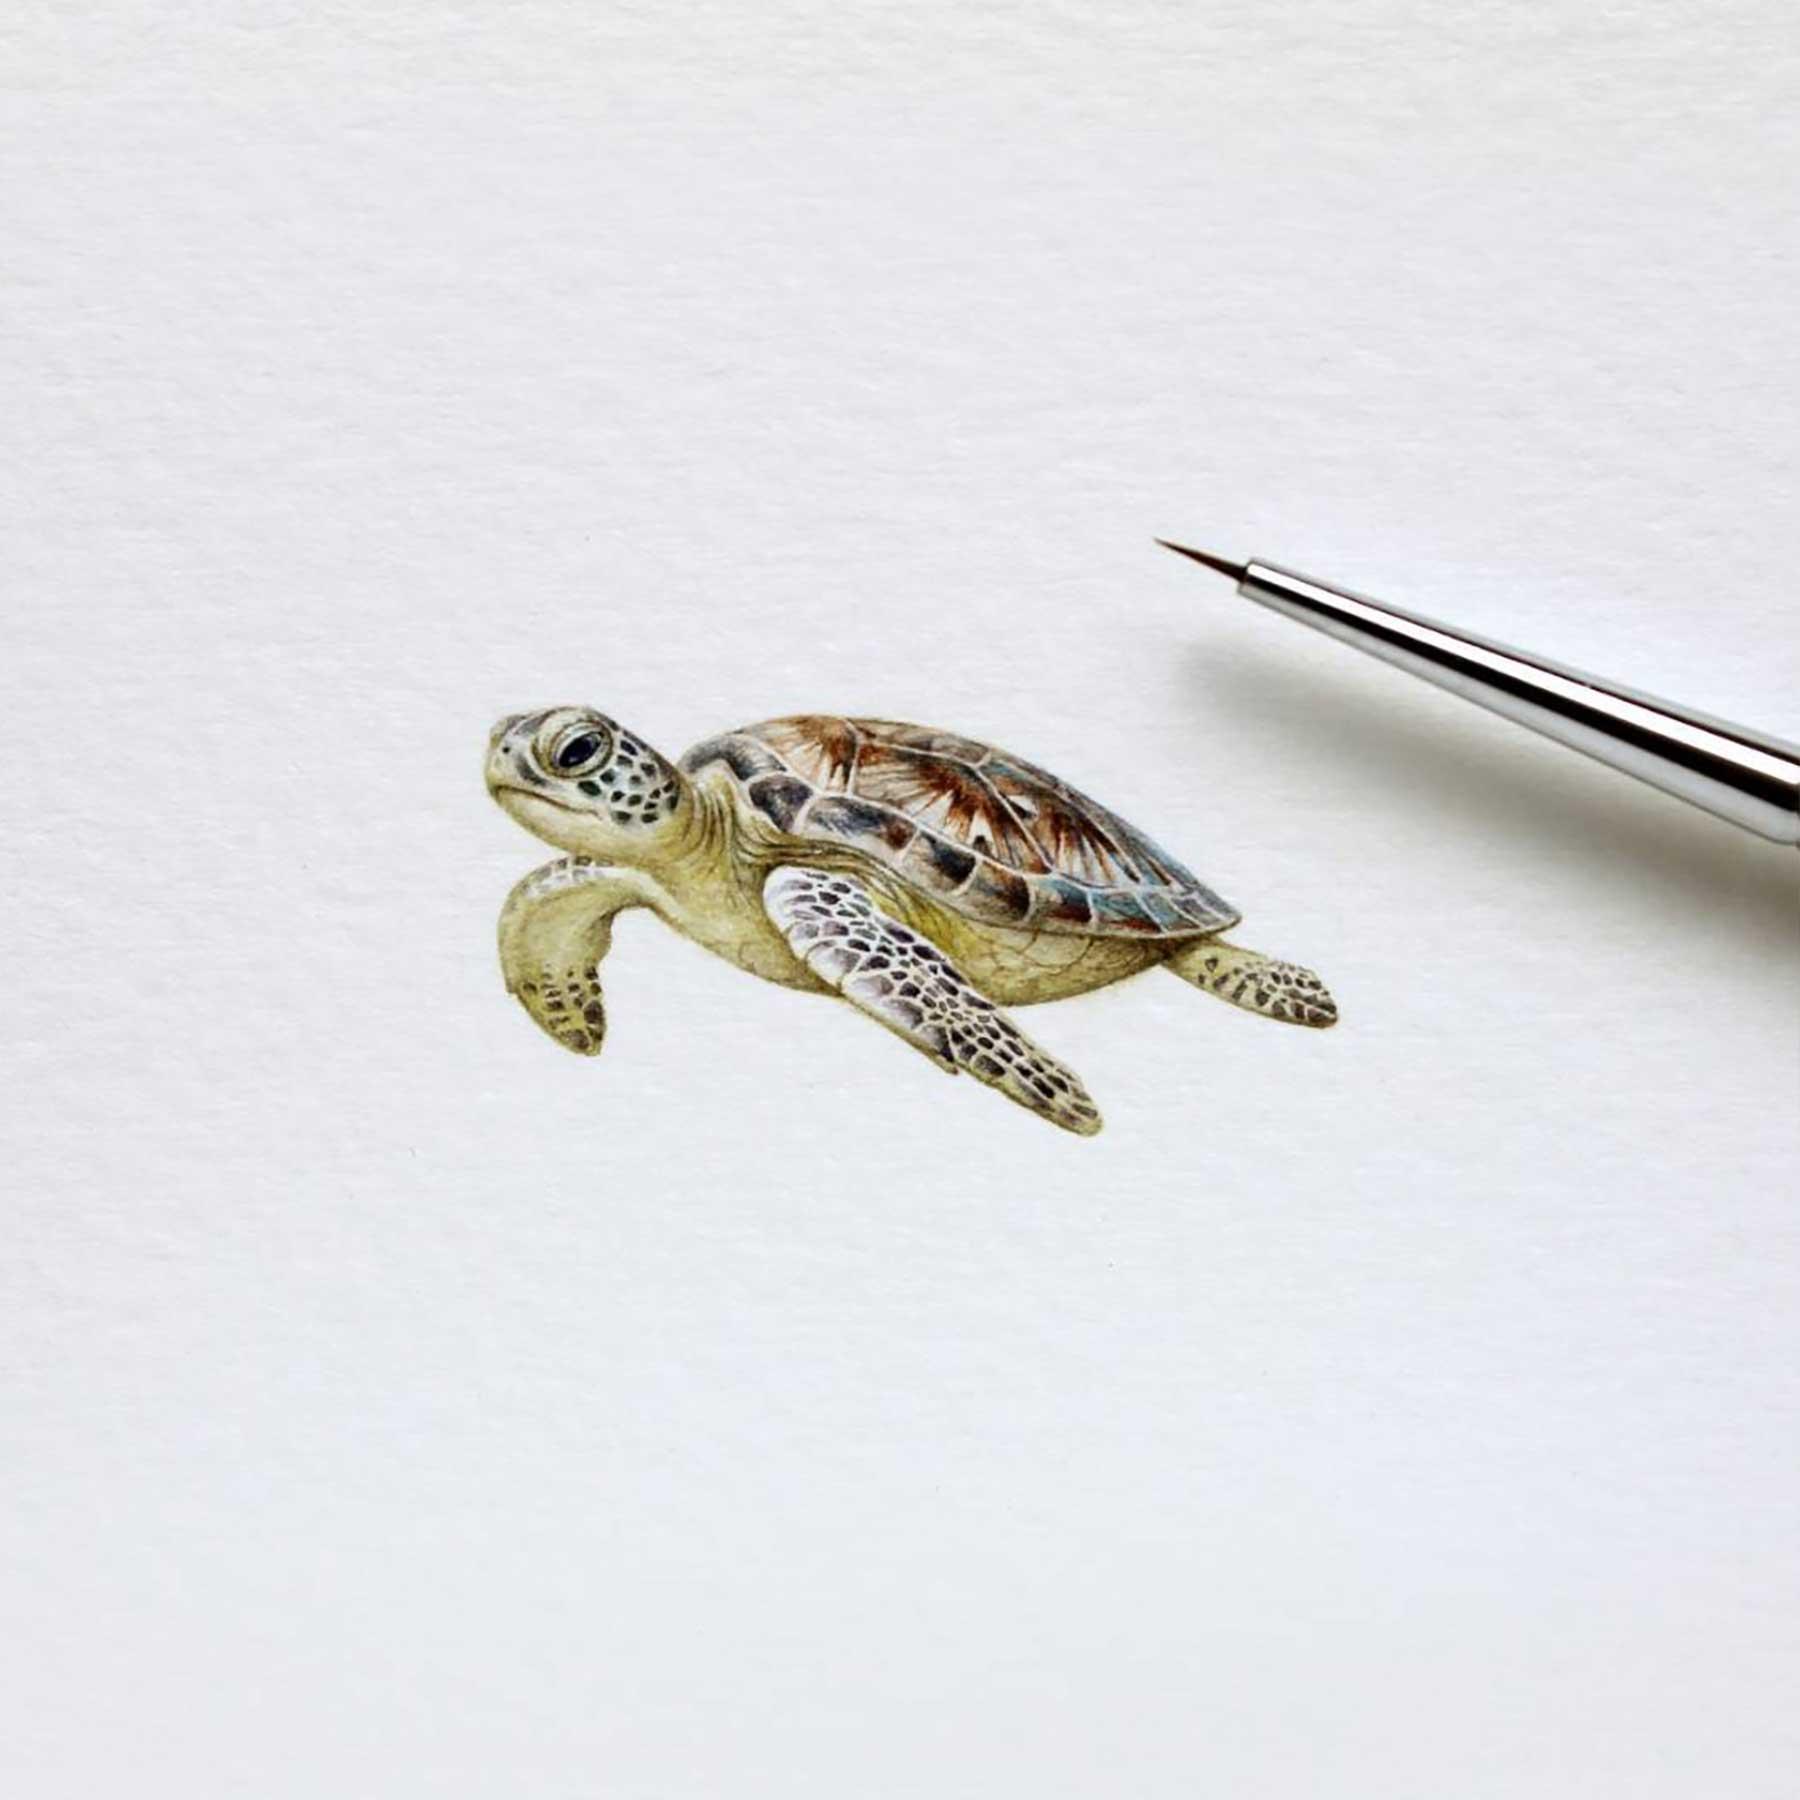 Miniatur-Wasserfarb-Tiere julia-las-wasserfarbe-tierportraits_07